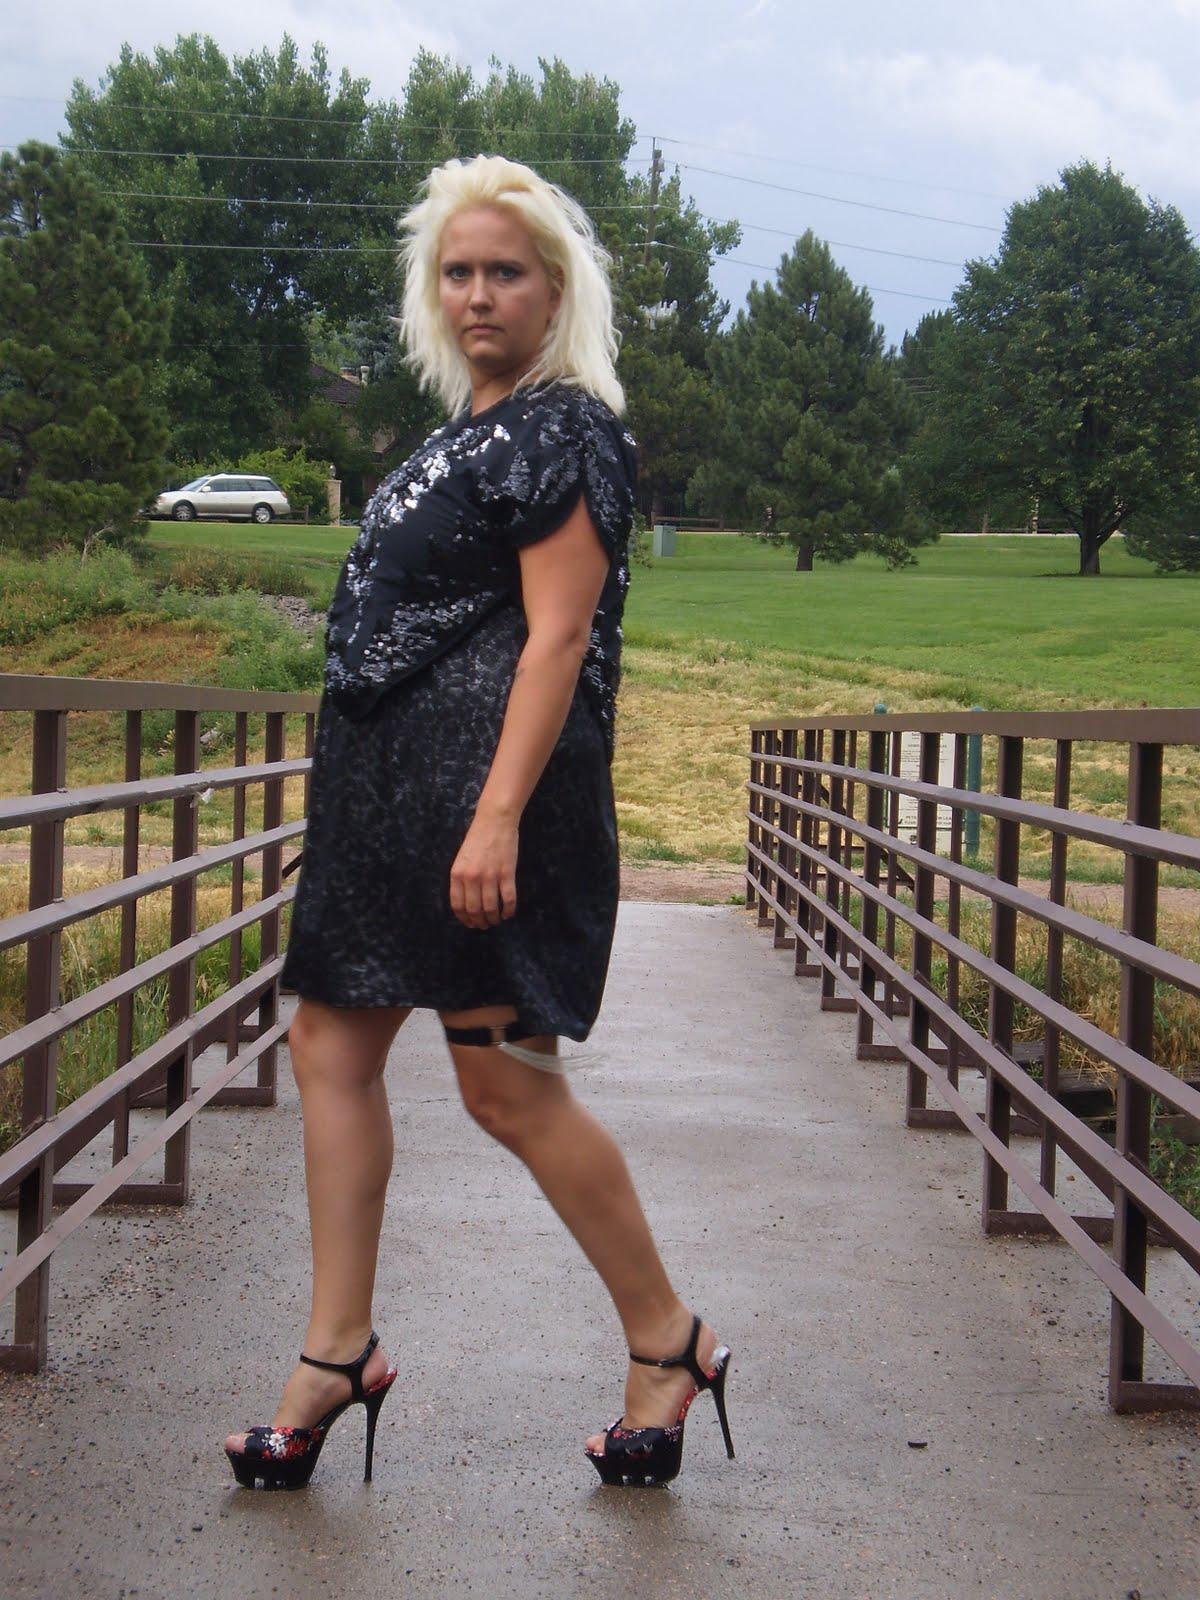 http://1.bp.blogspot.com/_StU_ShT6Dj8/TDEd7AyJgkI/AAAAAAAAEus/wP_9AicsRys/s1600/glitter+1.JPG